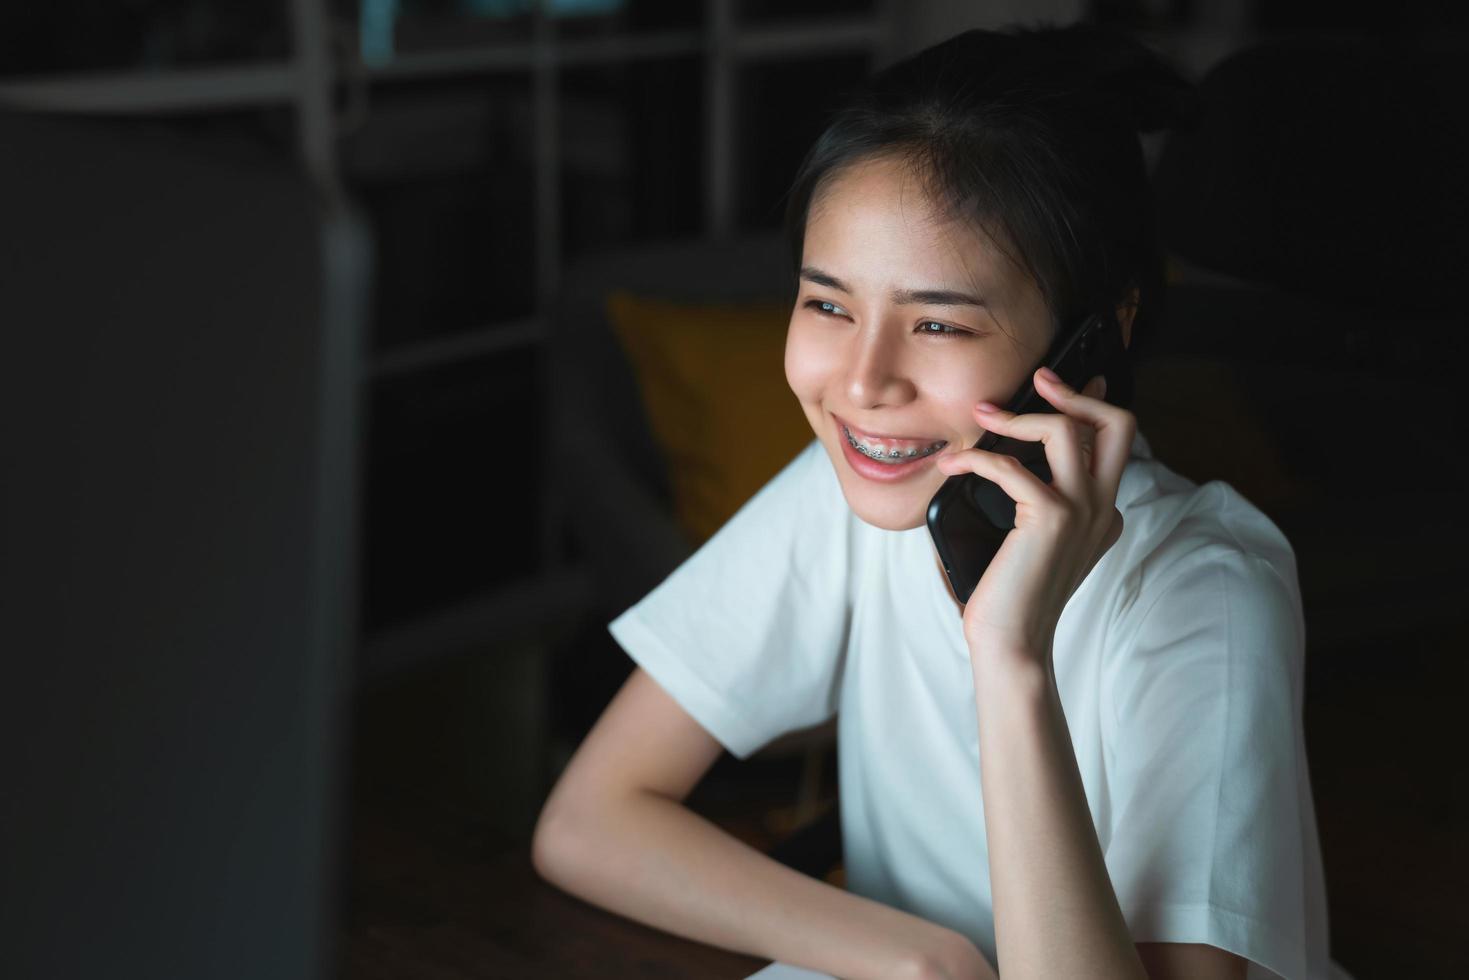 Aziatische vrouw die op celtelefoon spreekt foto